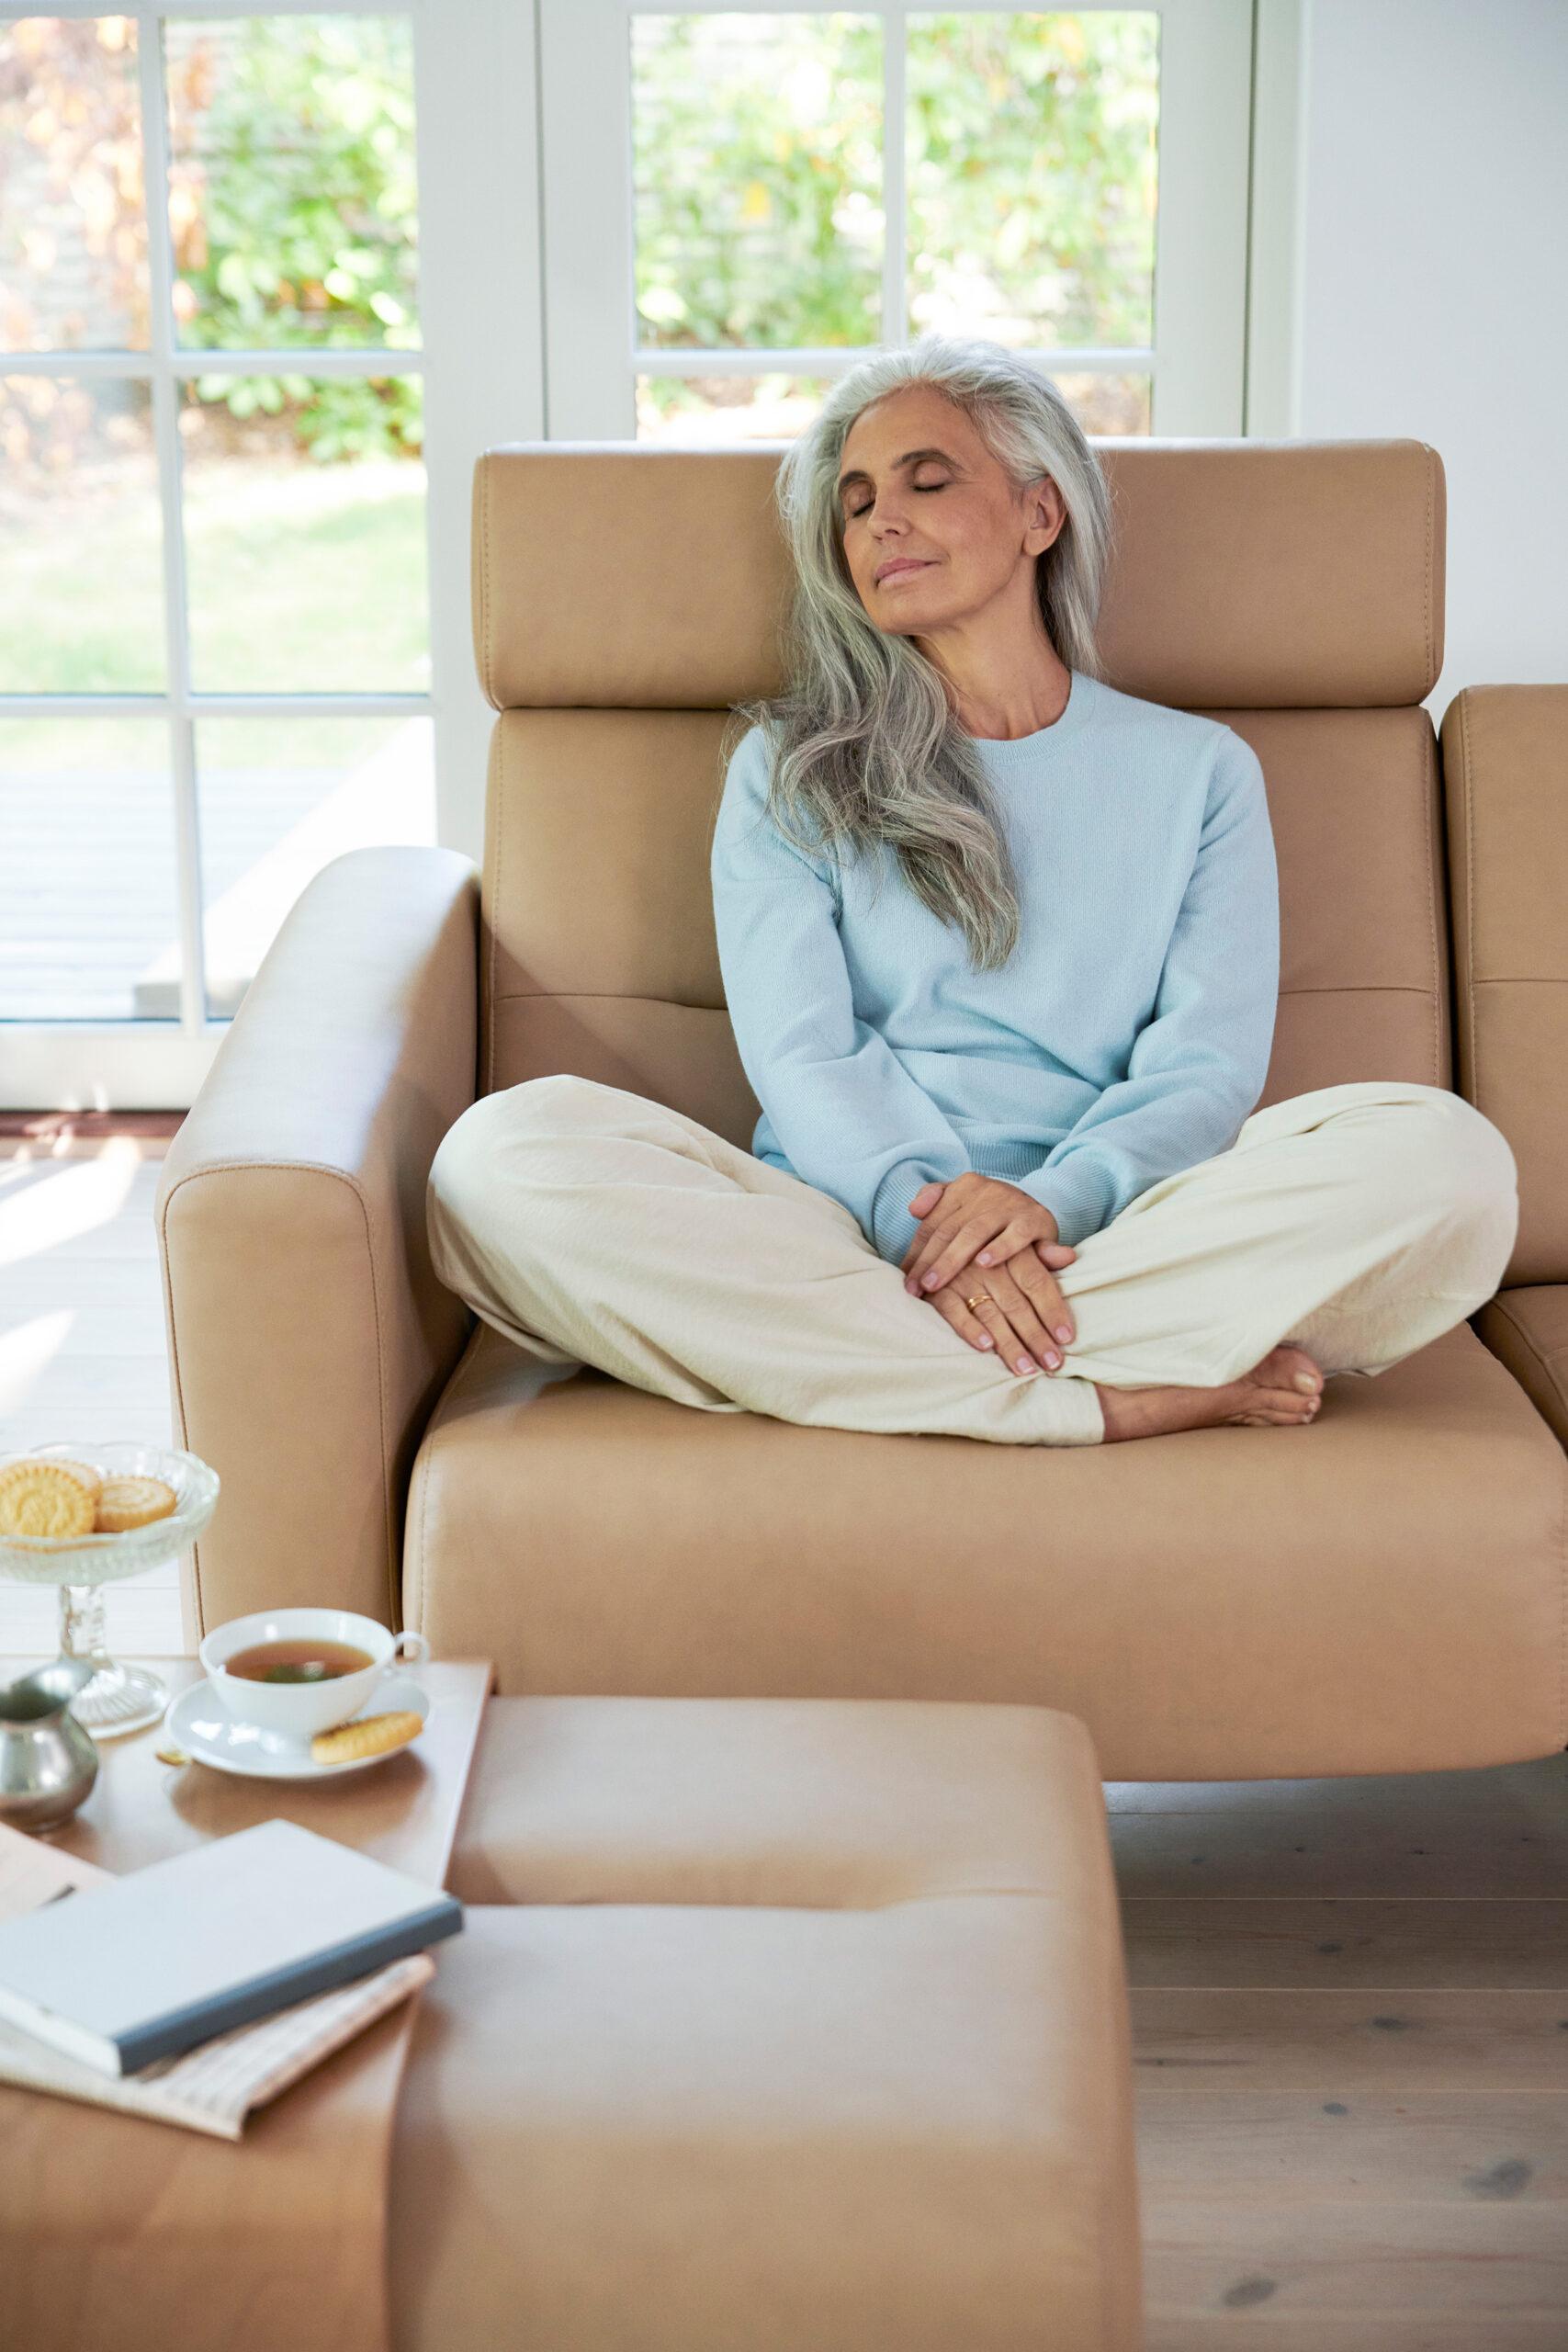 Für erholsamen Schlaf ist es hilfreich, ein Abendritual zu entwickeln wie etwa das regelmäßige Entspannen auf dem Stressless Stella Sofa.